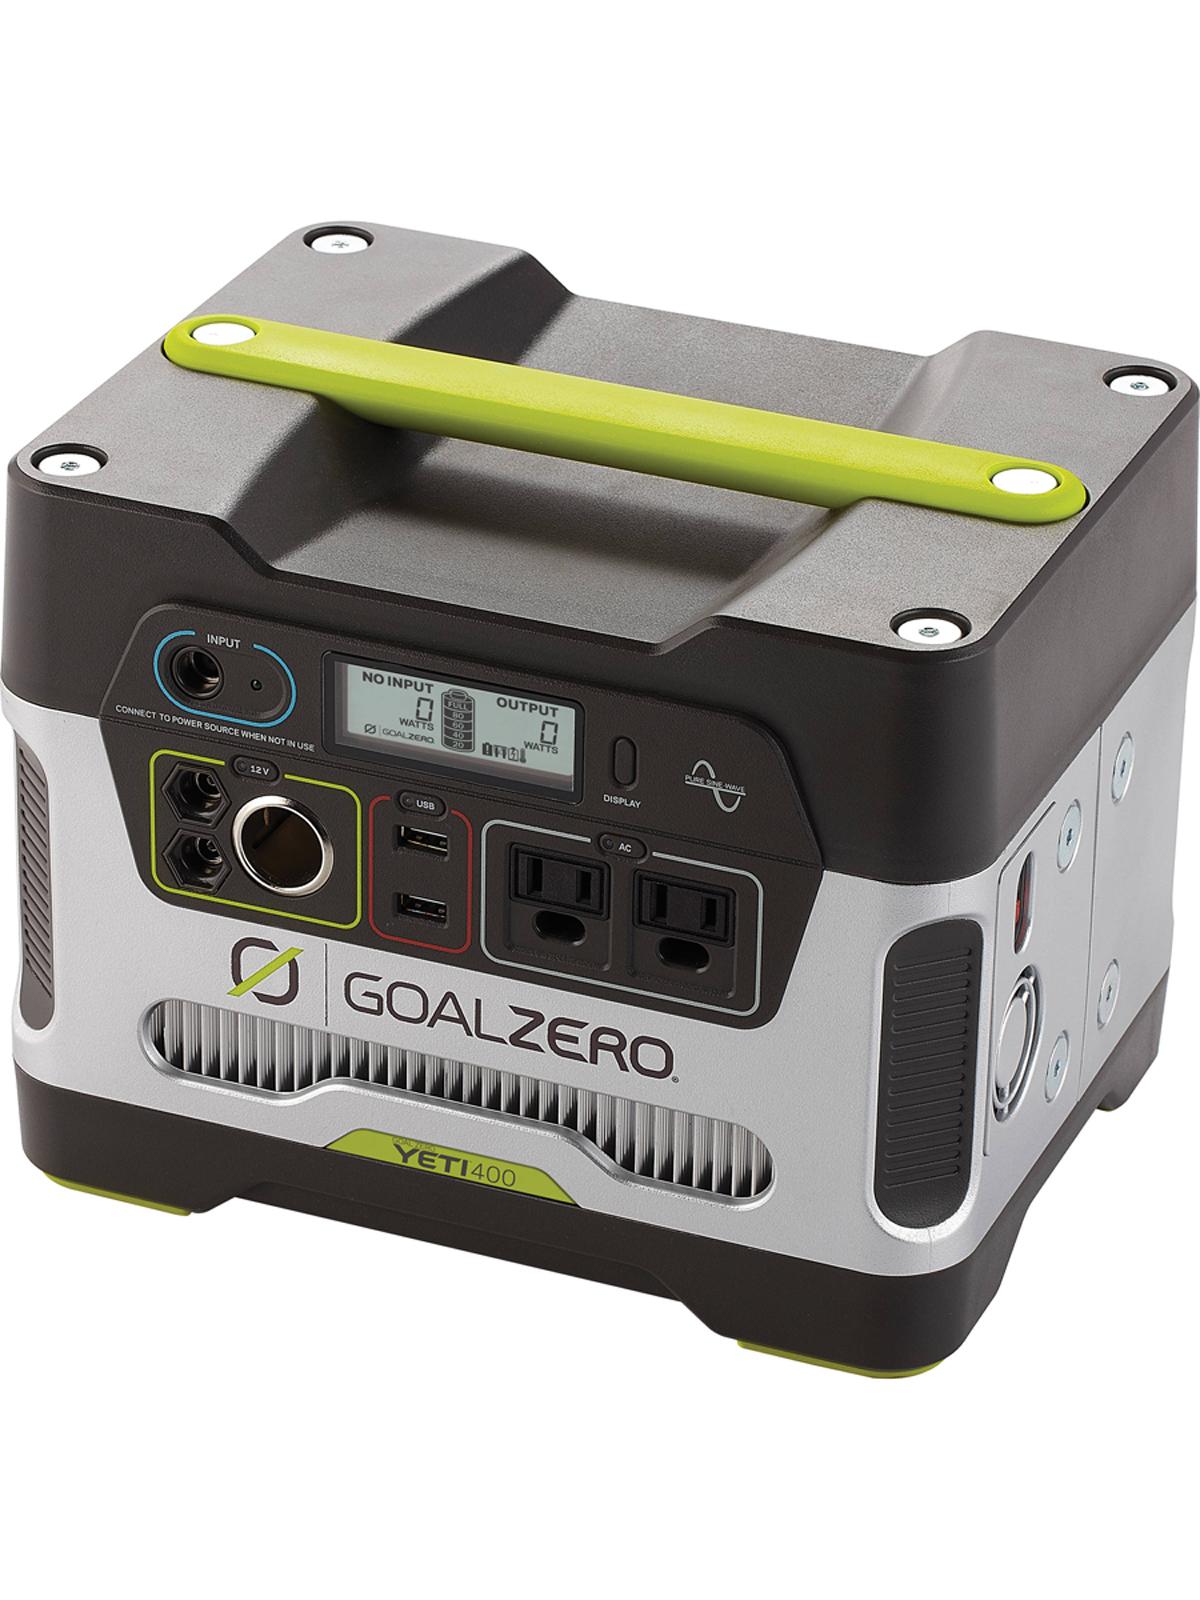 Goal Zero Yeti 400 Aerotrac